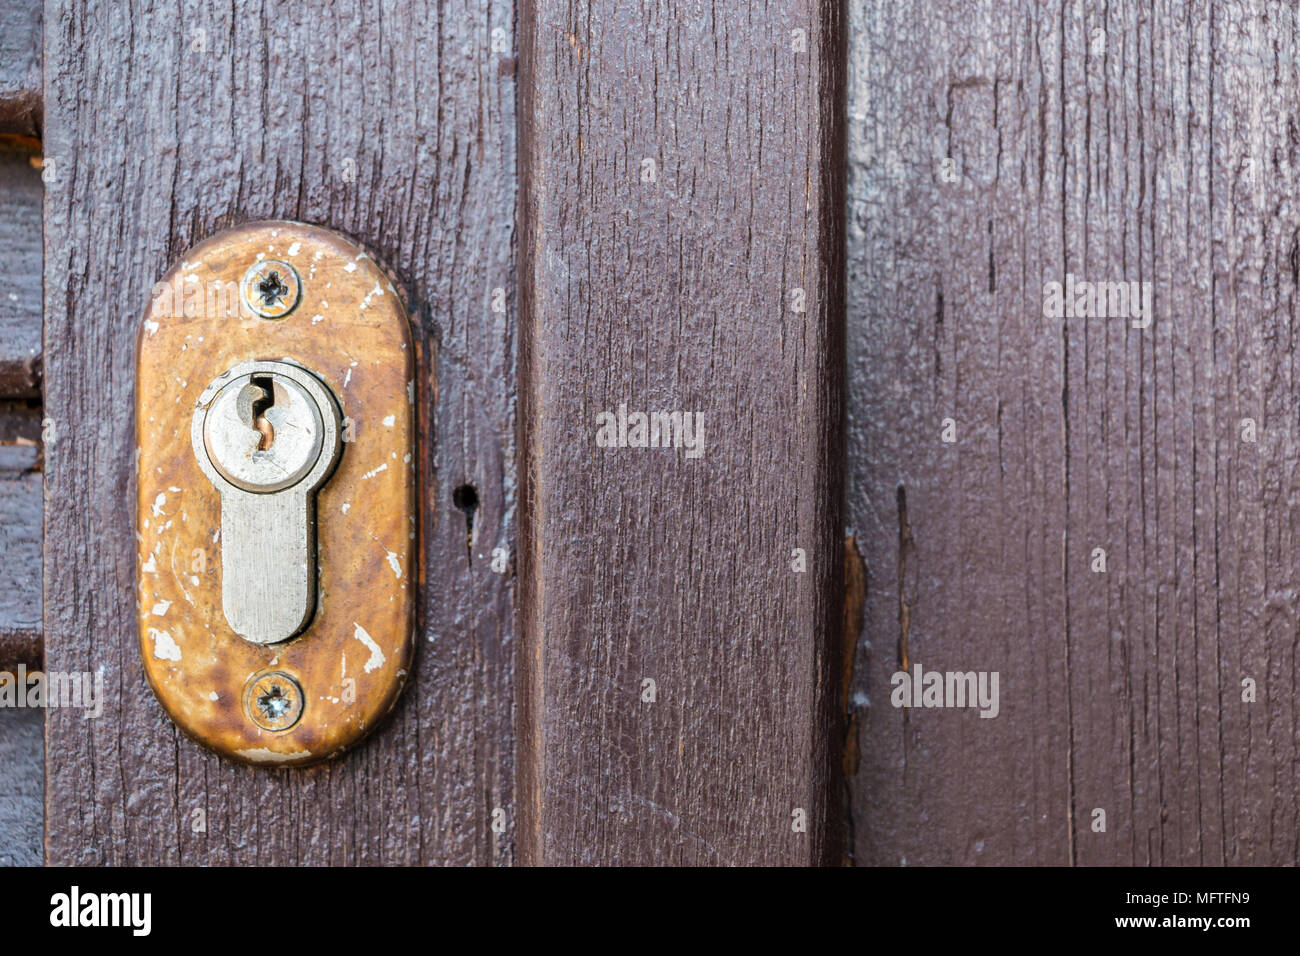 Sicherheitsschloss für eine alte hölzerne Tür im Garten Stockbild